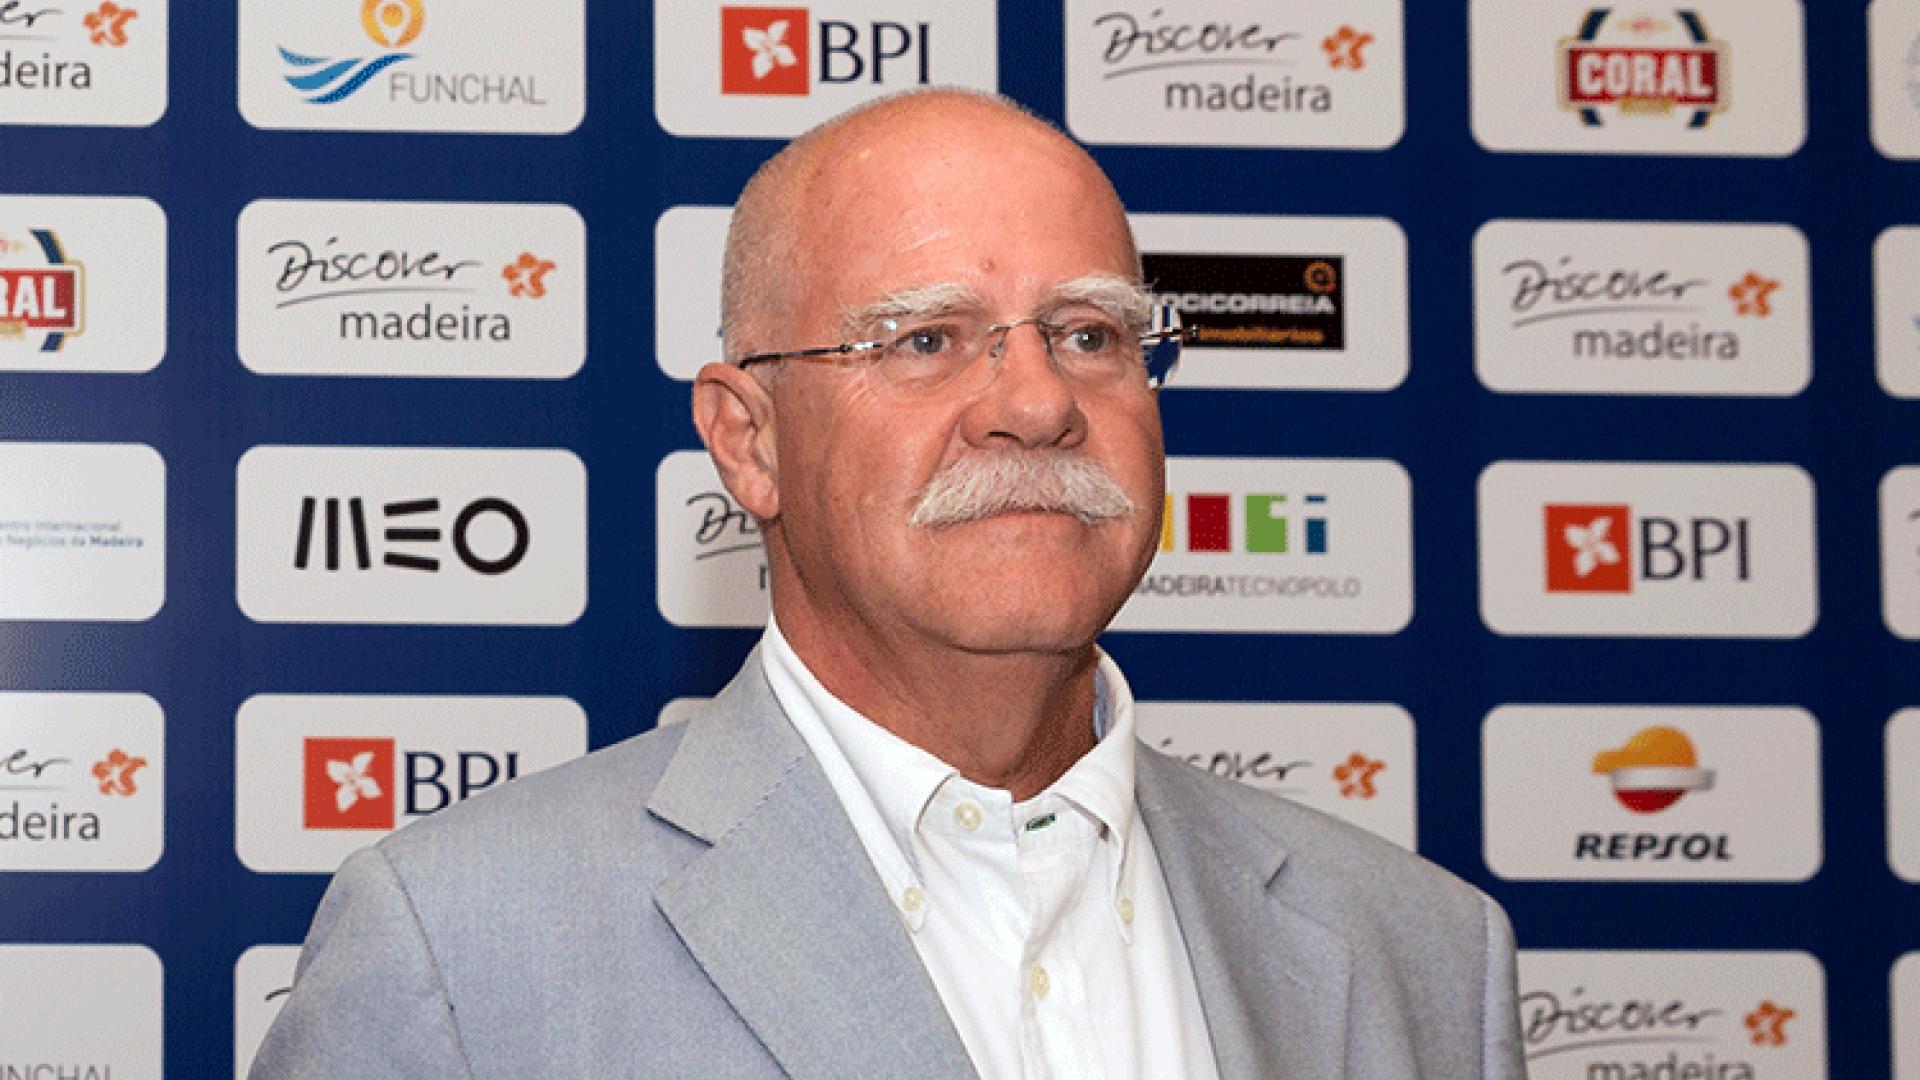 Pedro Araujo - Clerck of the Course